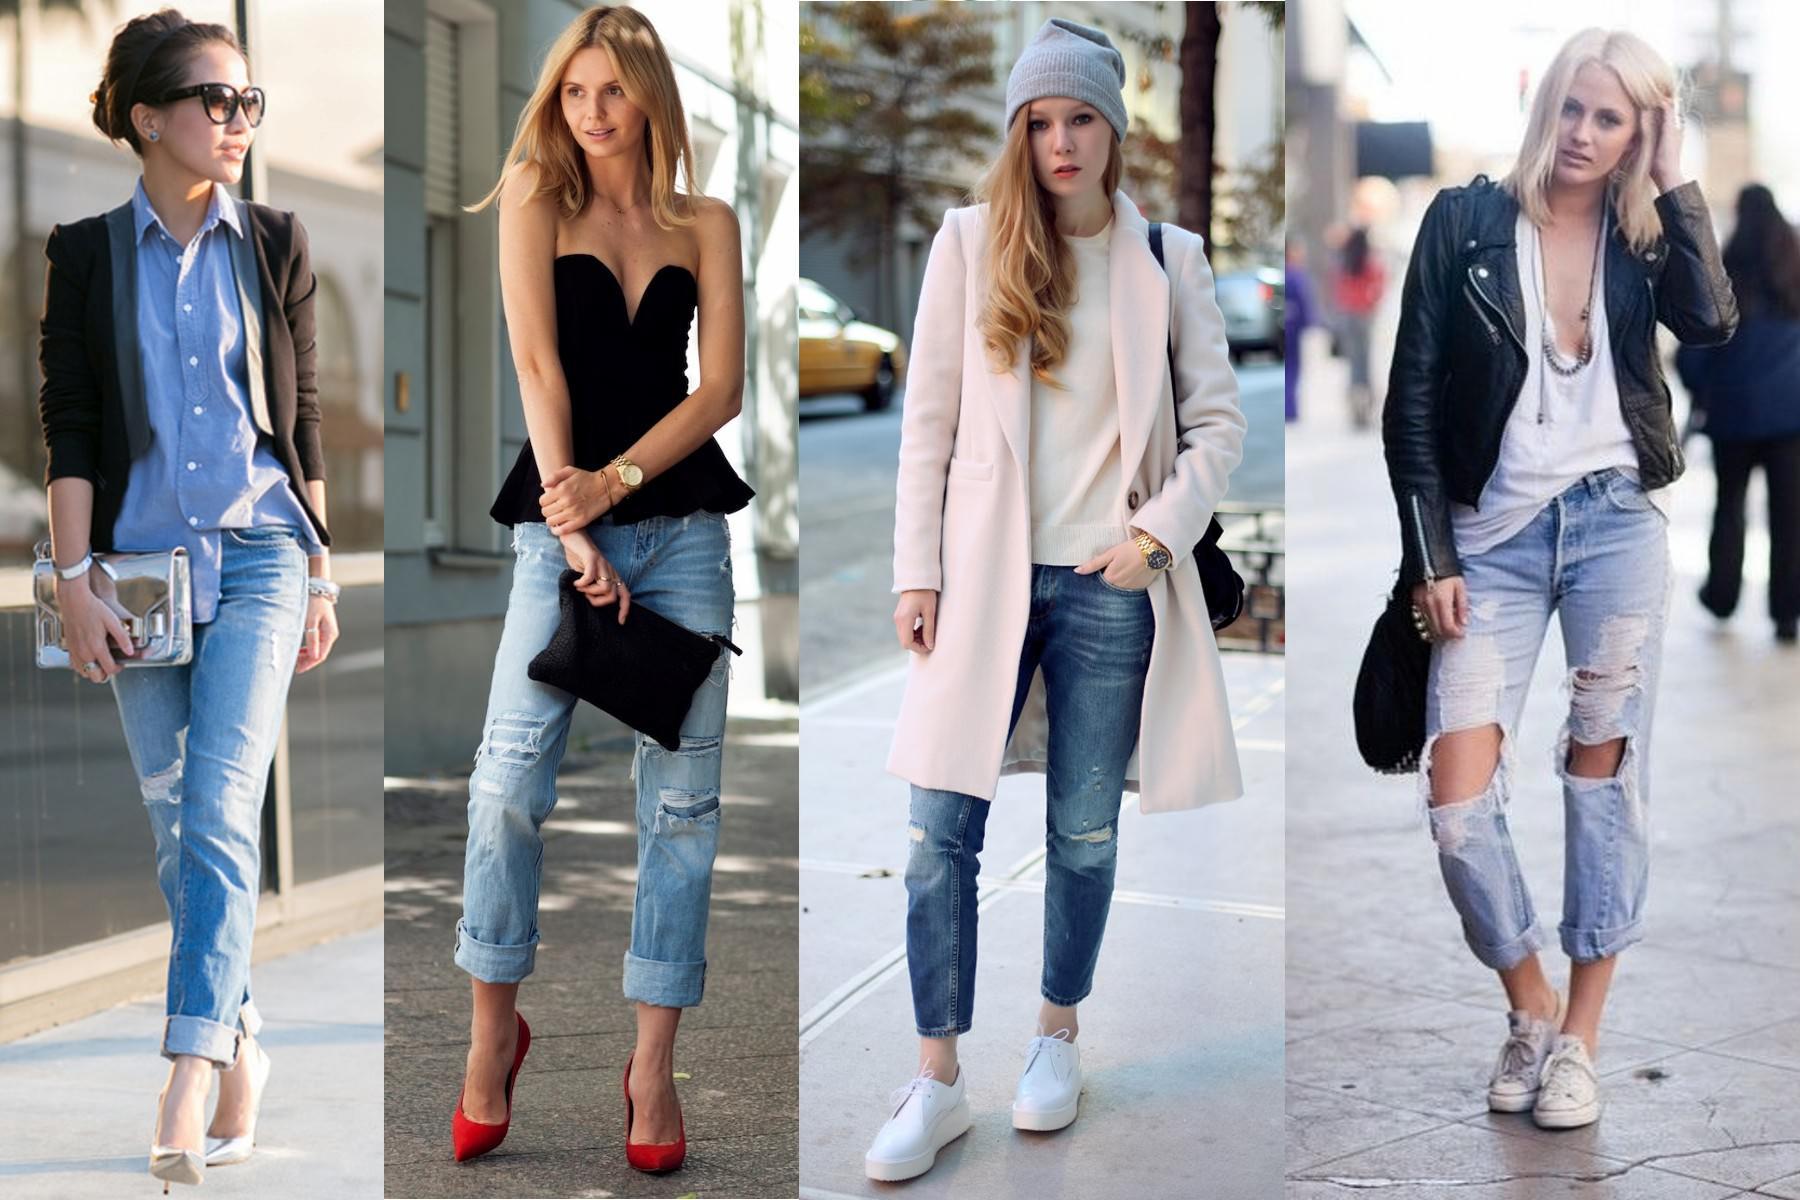 Смотрите, какими разными могут быть сочетания рваных джинсов в 2017 году.